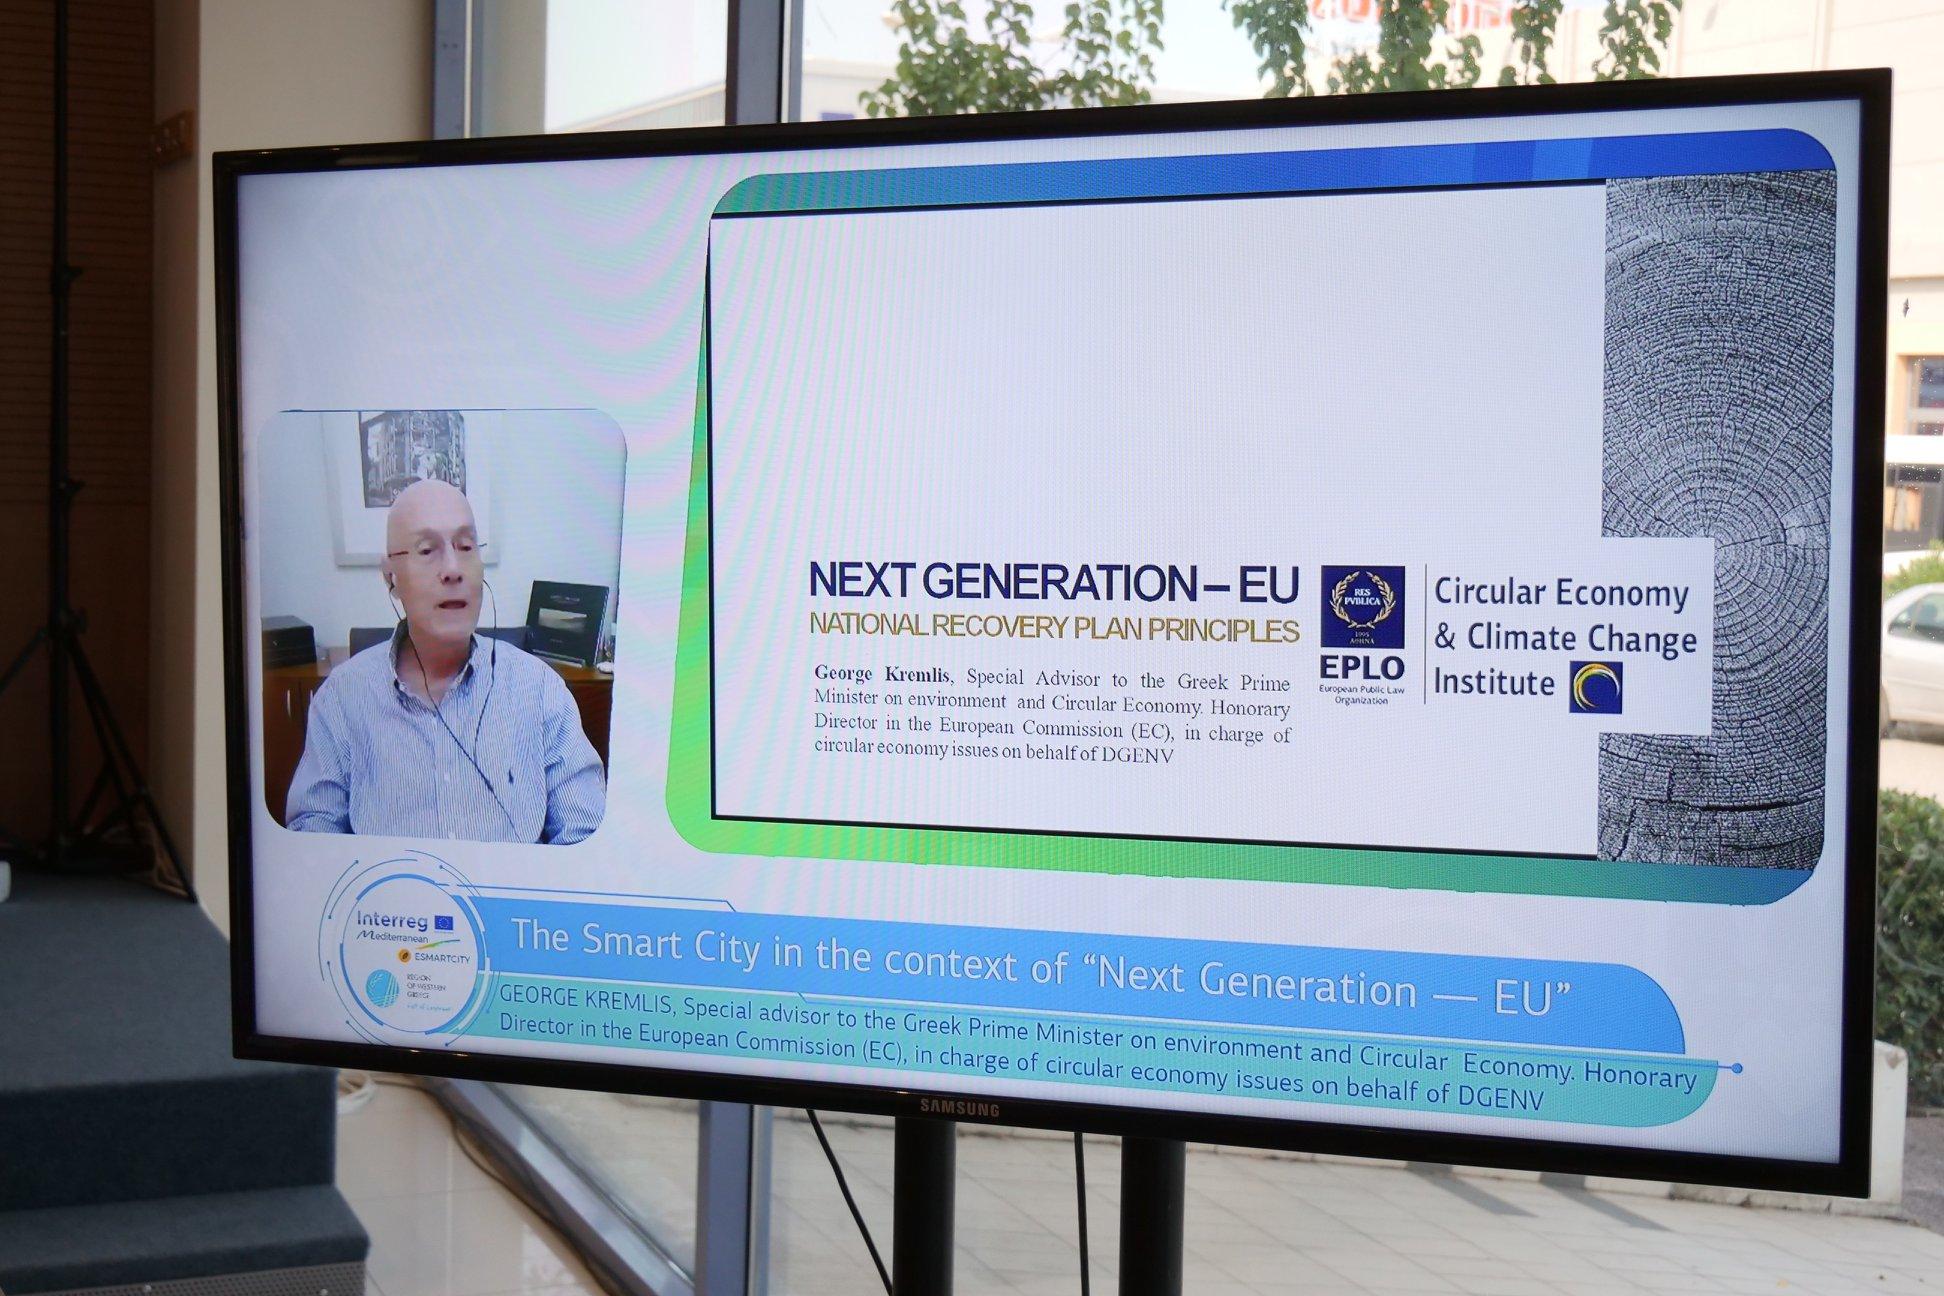 Περιφέρεια Δυτικής Ελλάδας: «Έξυπνες» εφαρμογές στα δημόσια κτίρια και τον οδοφωτισμό της Δυτικής Ελλάδας μέσω του έργου «ESMARTCITY»